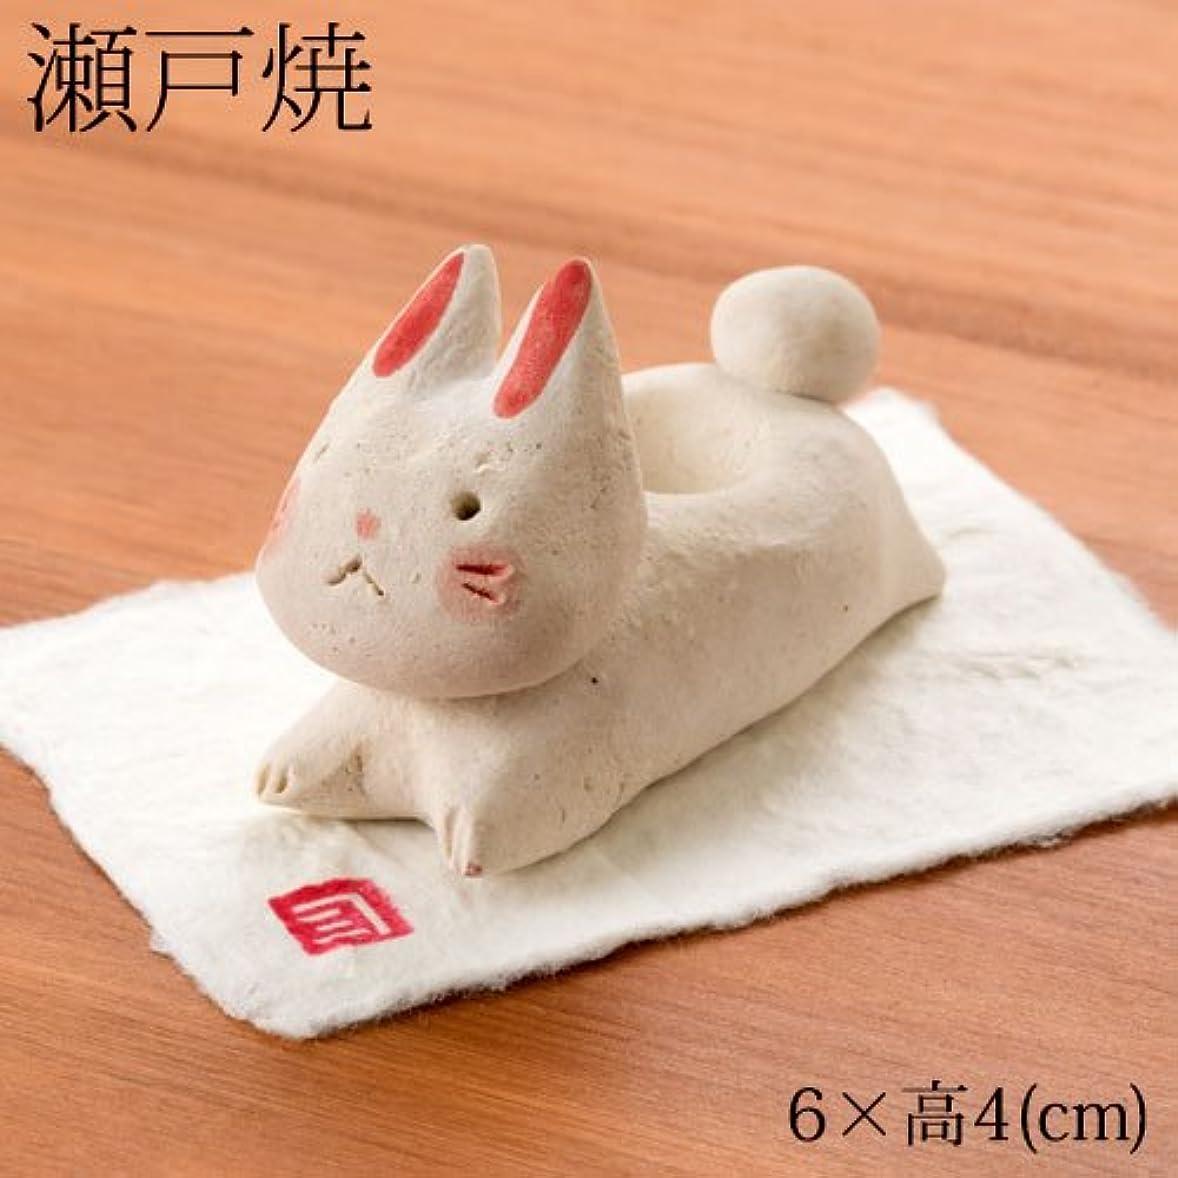 口証明する中瀬戸焼兎アロマストーン (K6302)愛知県の工芸品Seto-yaki Aroma stone, Aichi craft